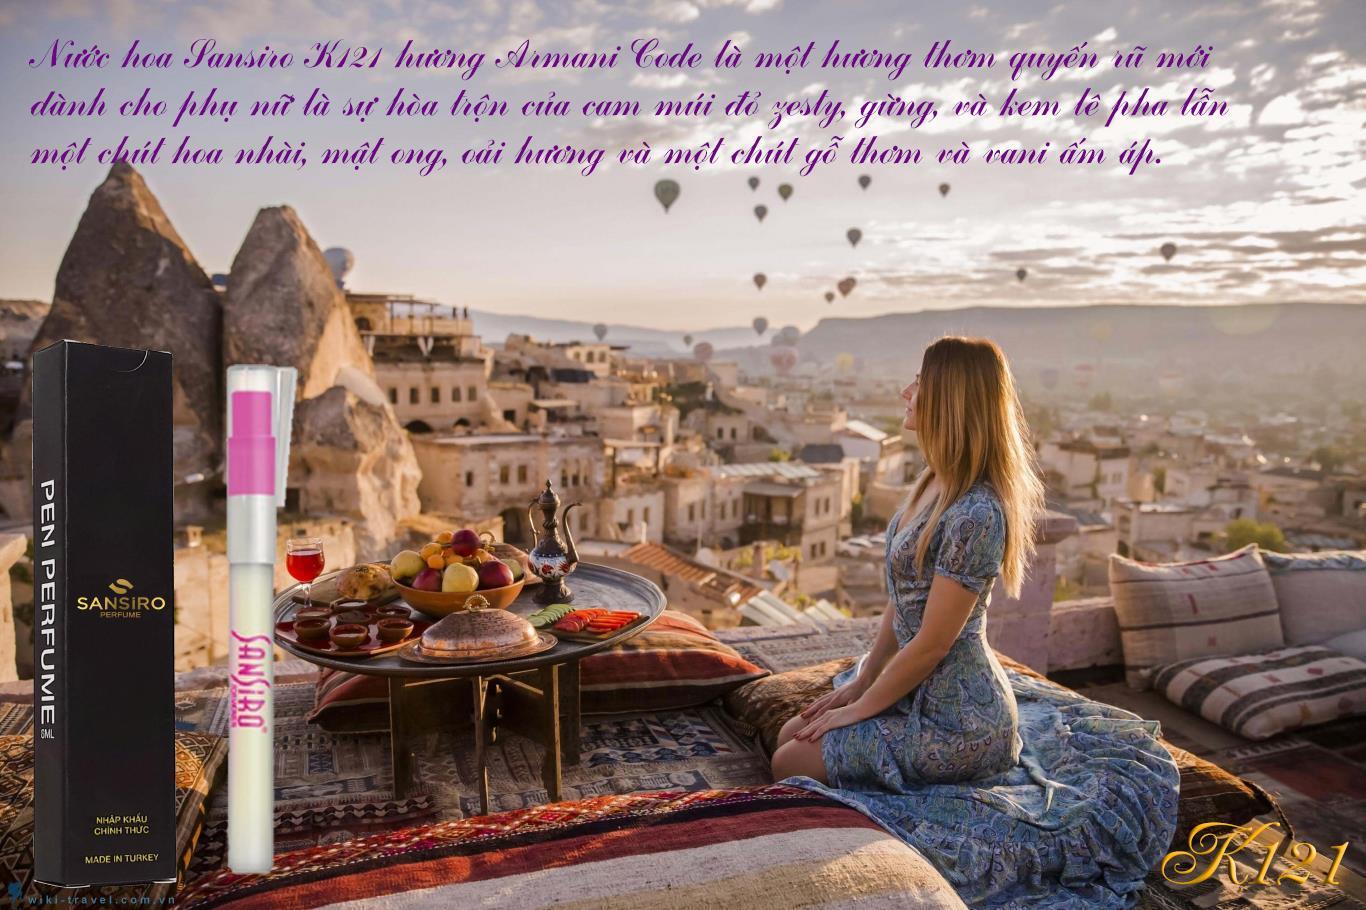 K121 - Nước hoa nữ Sansiro Thổ Nhĩ Kỳ 8ml